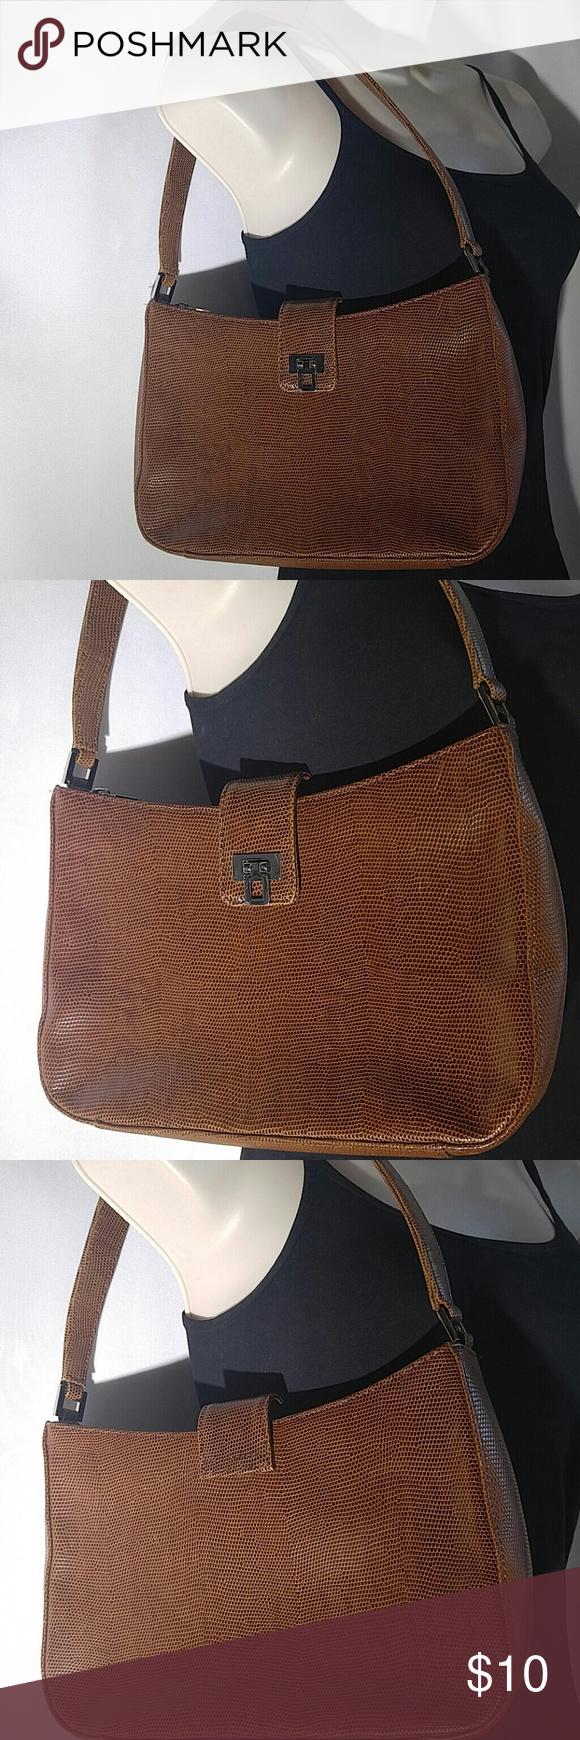 Women's Shoulder Bag Purse Ann Taylor Faux Snake Skin Leather Purse Shoulder Bag Handbag Ann Taylor Bags Shoulder Bags